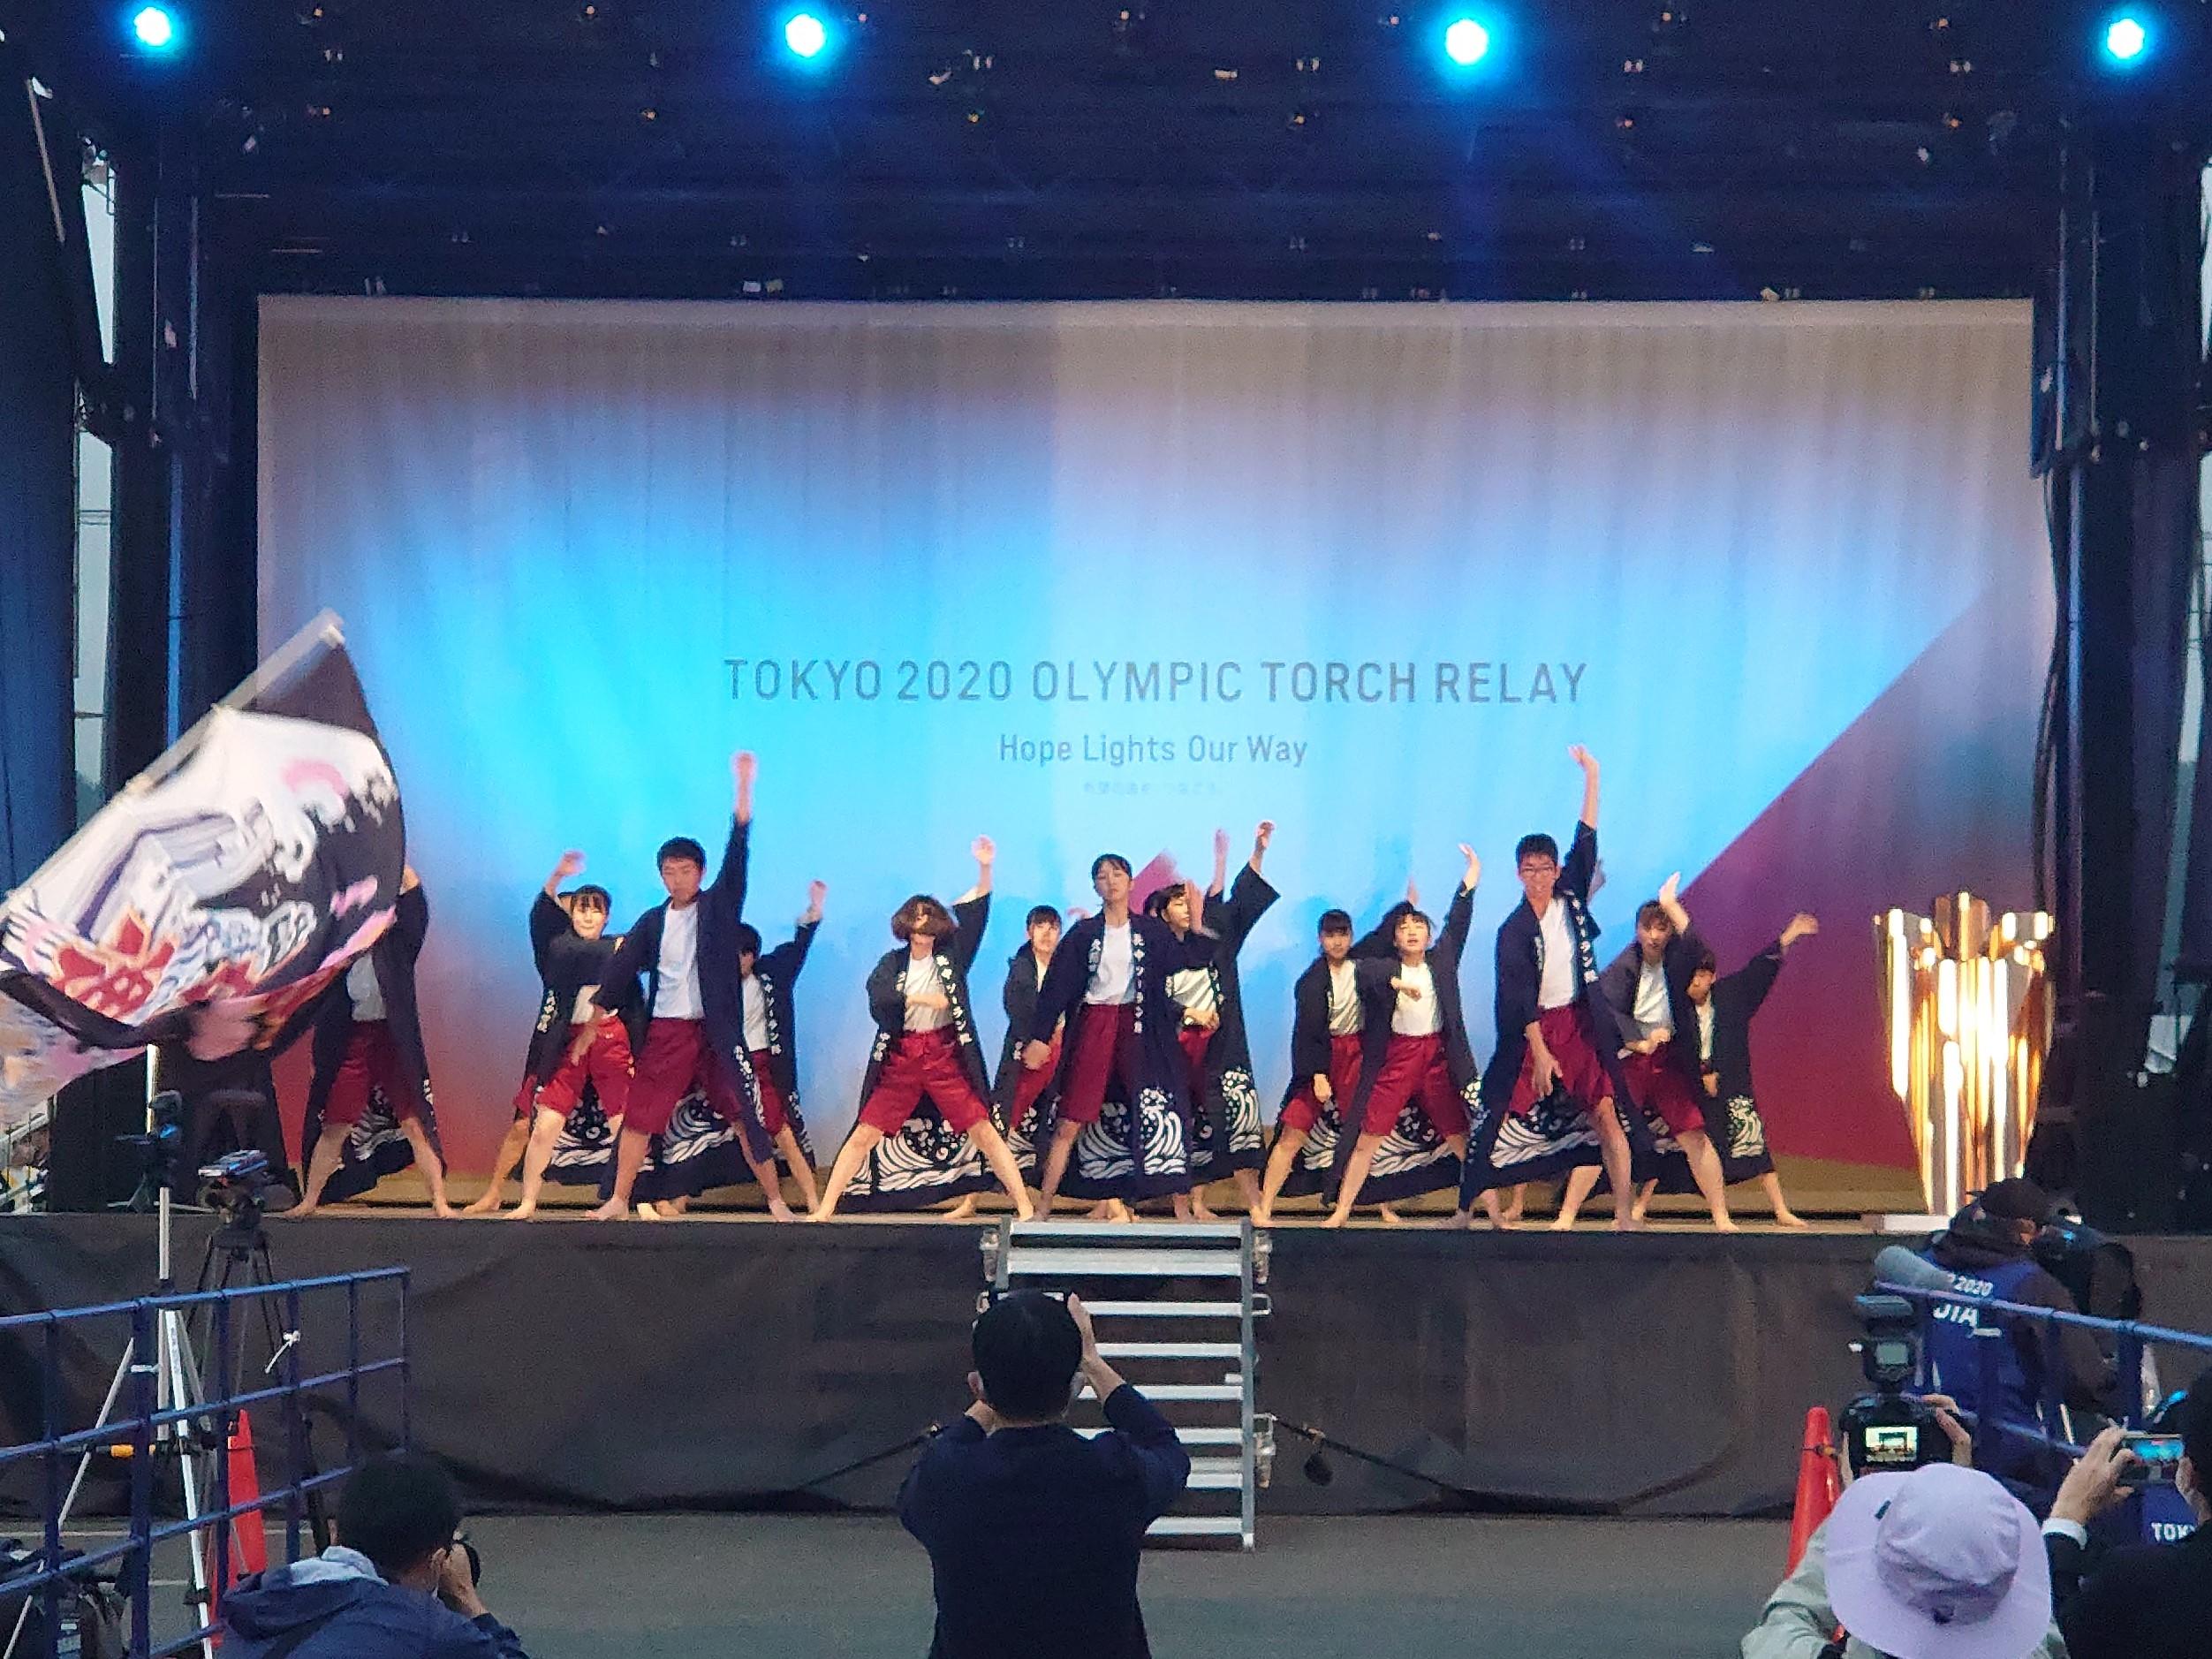 画像:東京2020オリンピック聖火リレーセレブレーションに参加しました。